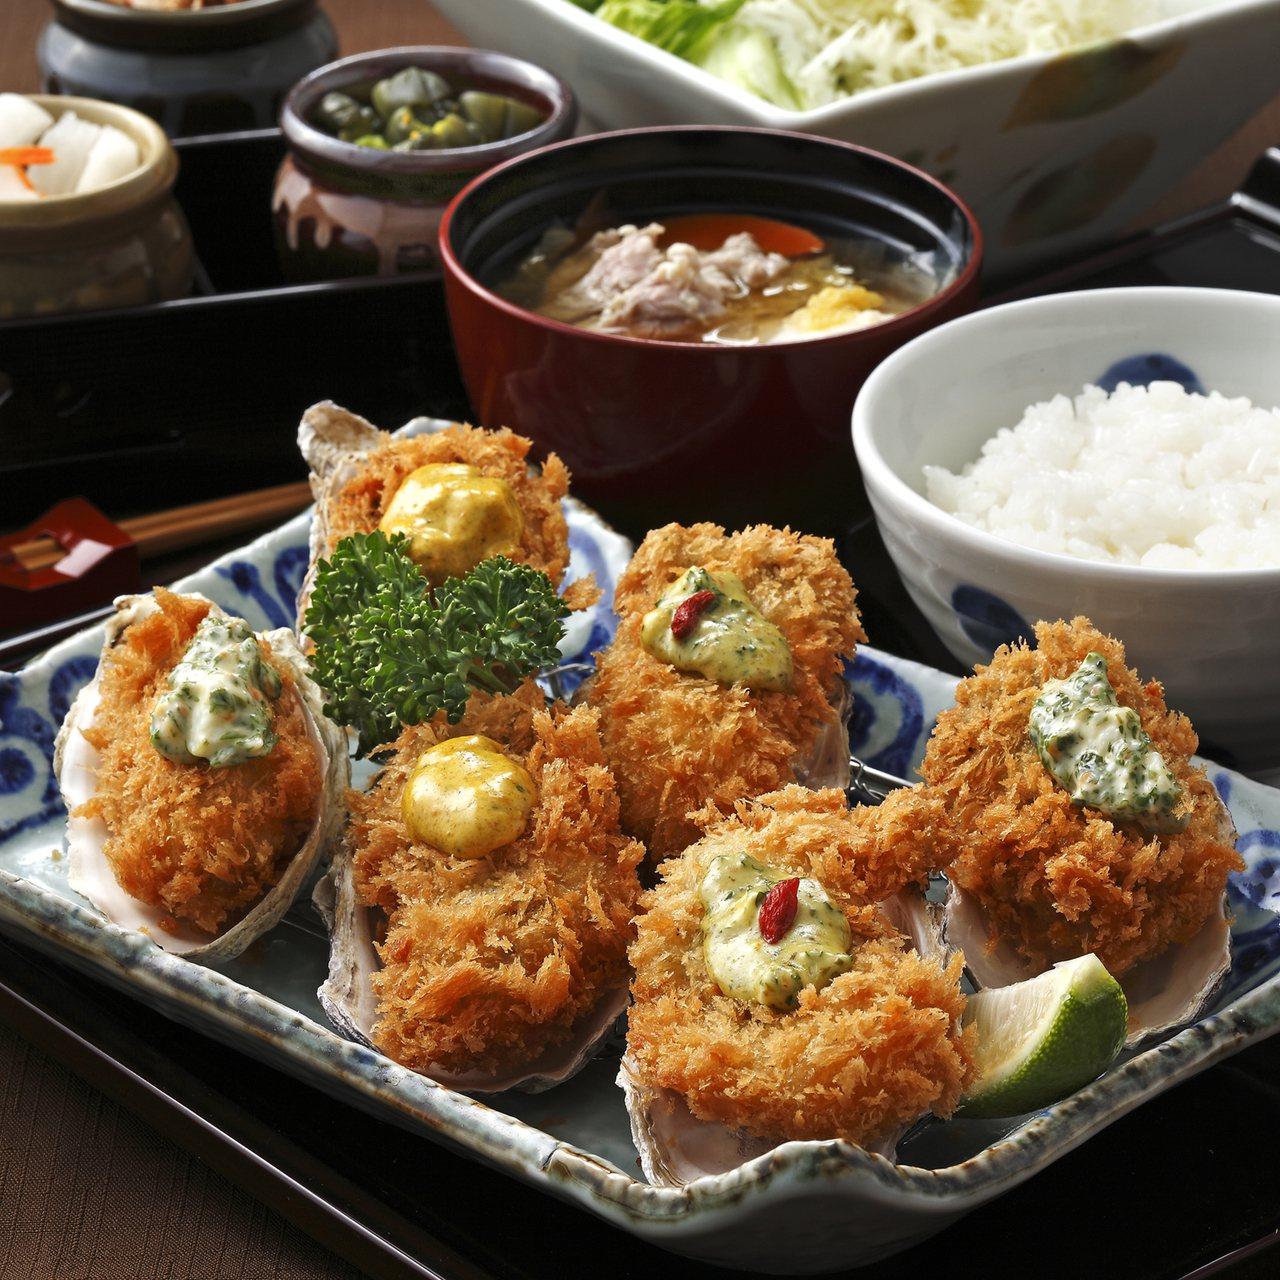 勝政豬排推出「酥炸廣島牡蠣佐三色醬」等一系列新品。圖/勝政豬排提供